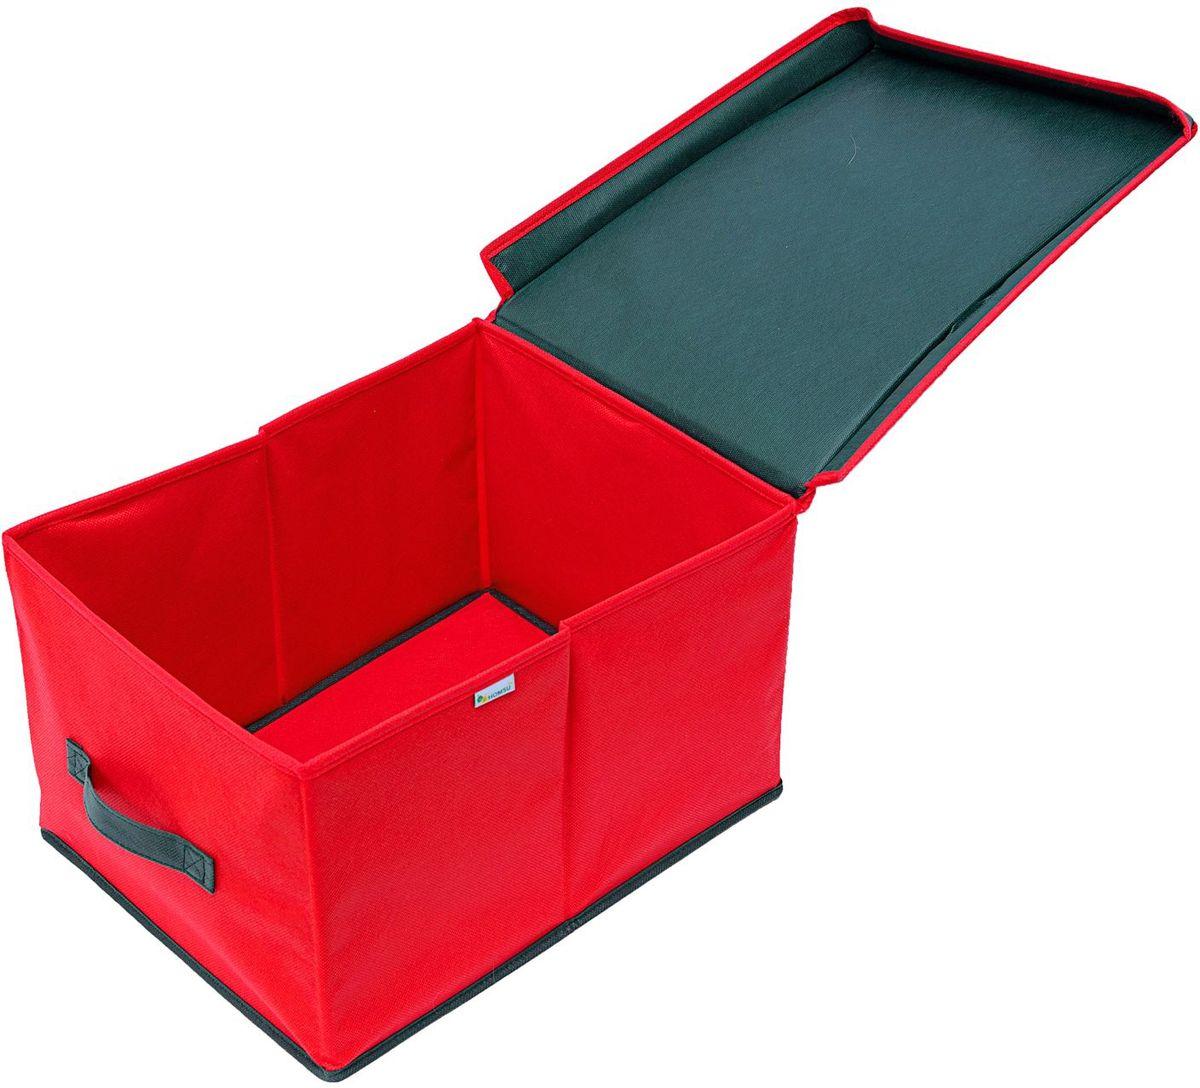 Органайзер Homsu New Year, цвет: красный, 40 х 40 х 40 смHOM-737Органайзер-куб Homsu New Year выполнен из высококачественного материала. Органайзер в форме куба, оснащен крышкой на липучке, внутри имеются картонные деления, идеально подходит для хранения ёлочных шаров. Выполнен в традиционной новогодней расцветке.